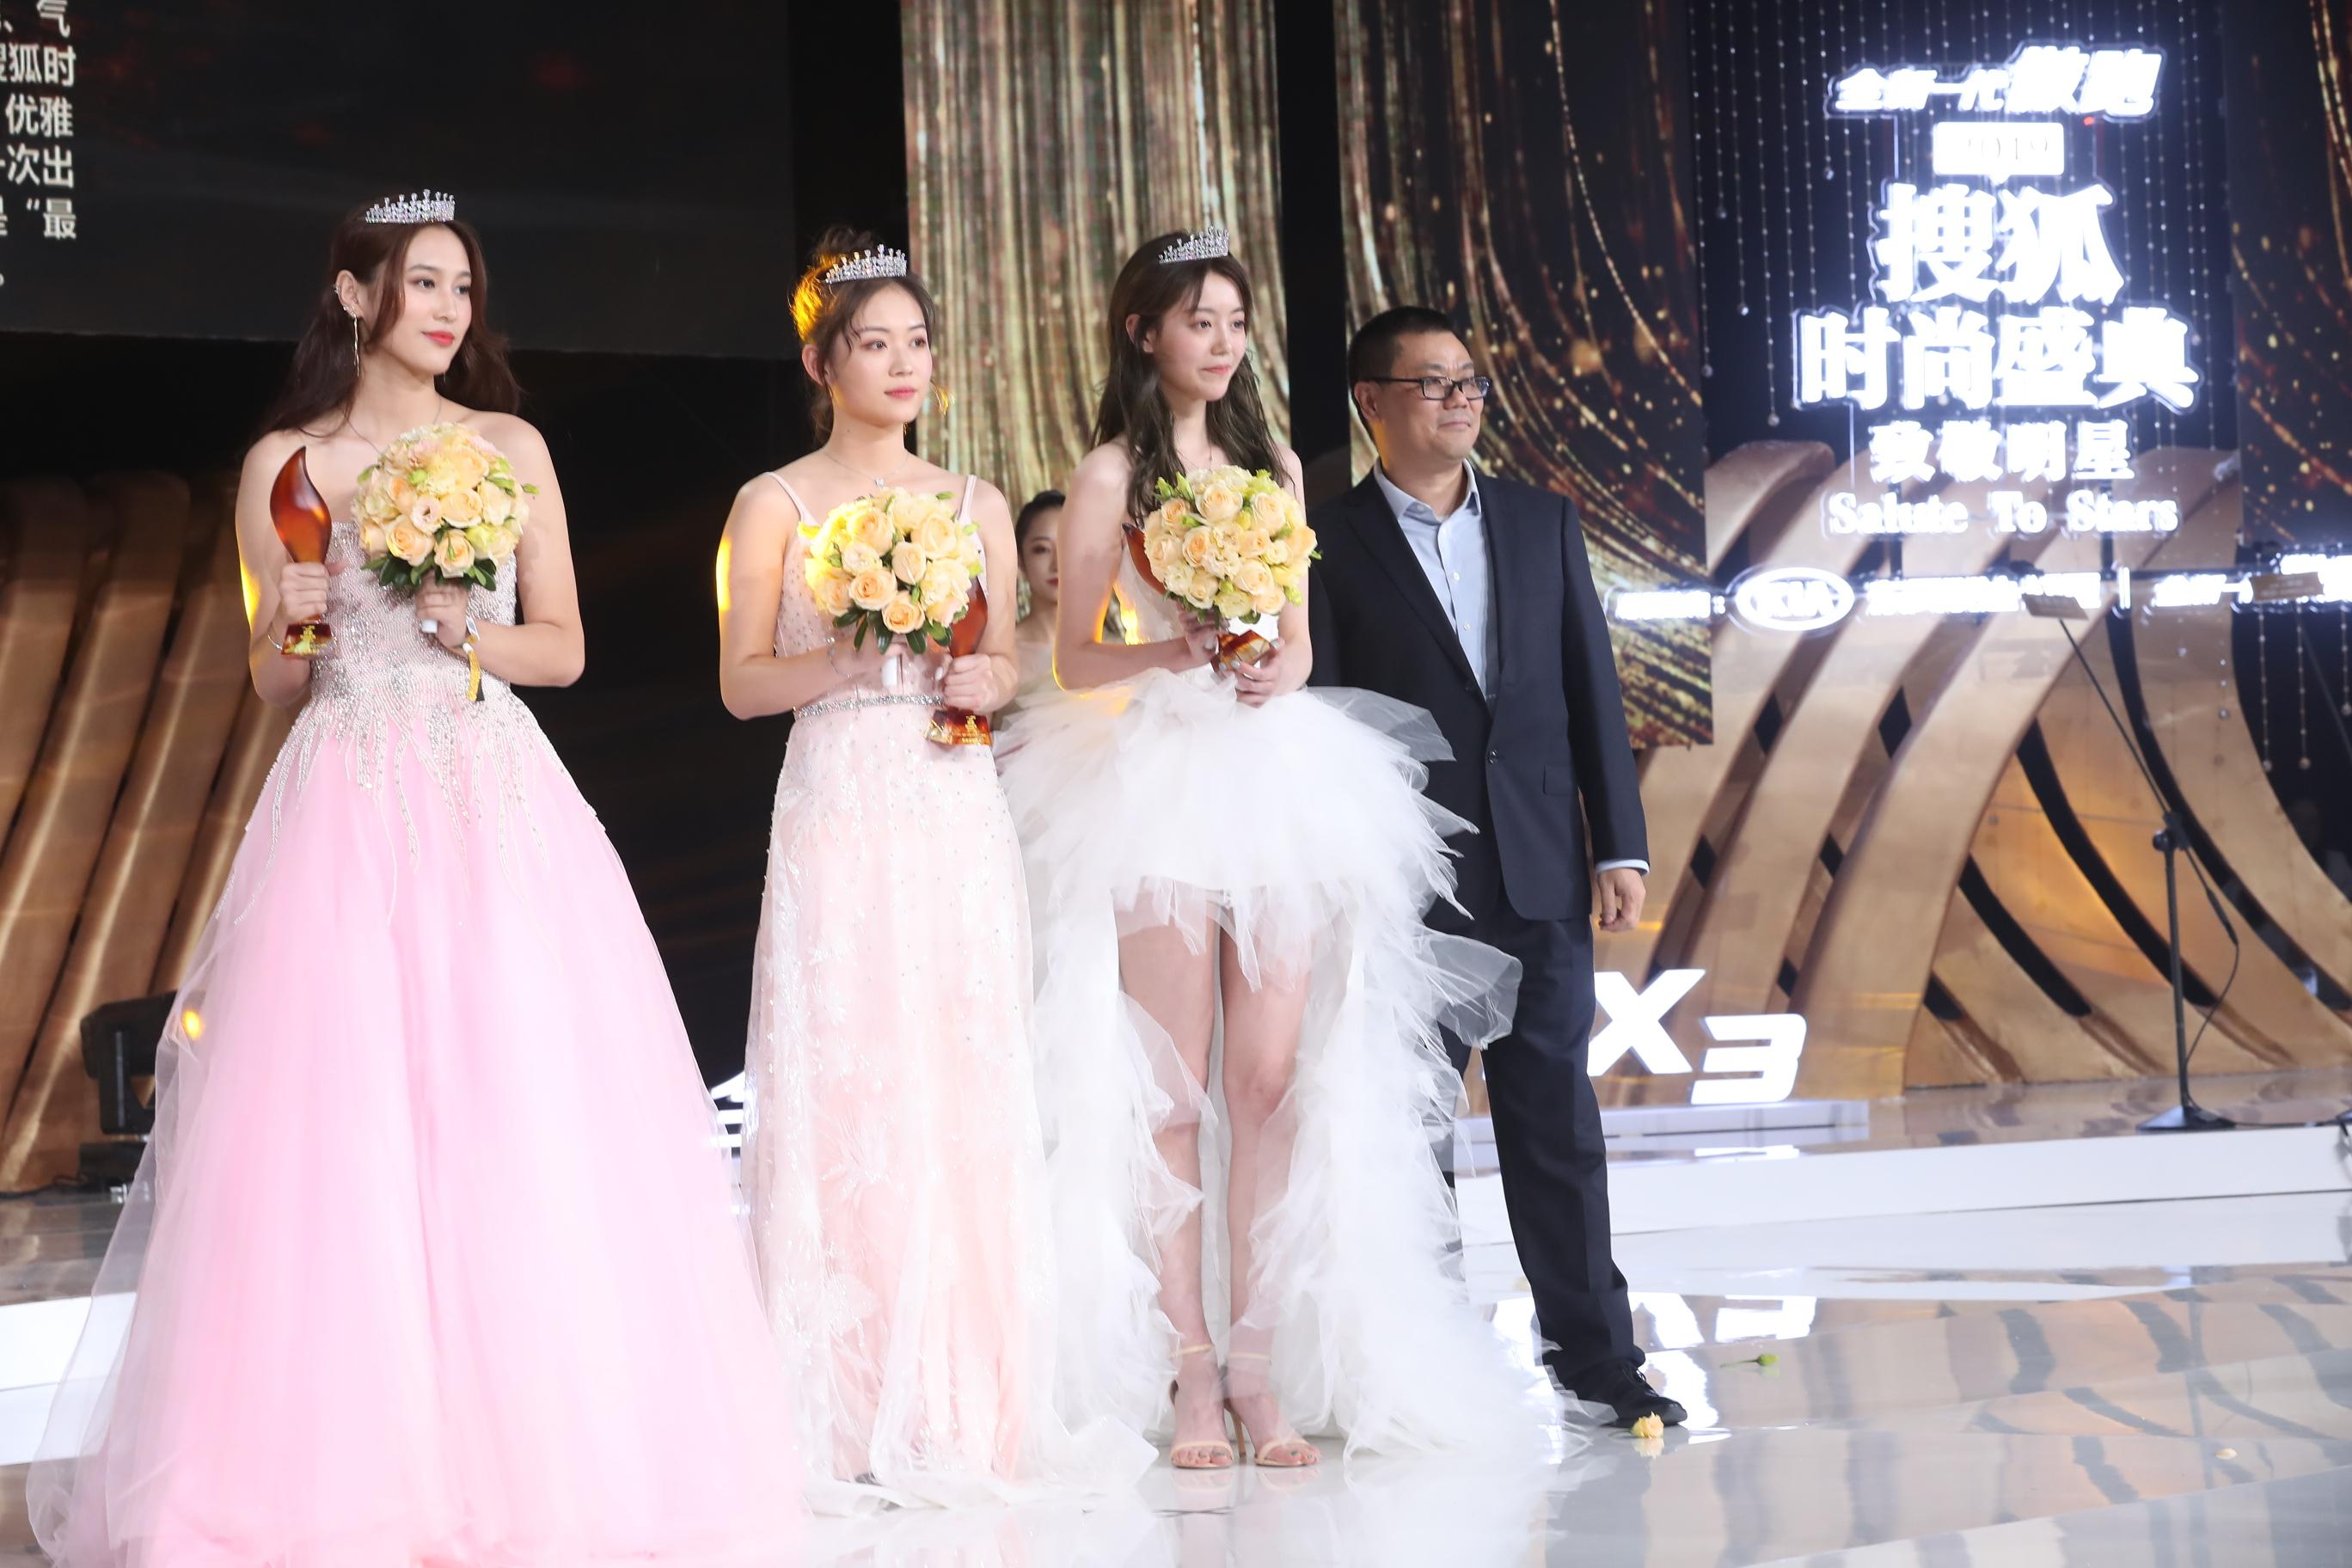 """2019搜狐时装节张洪宇、欧阳赵文、张梦如获""""年度最佳美女"""""""